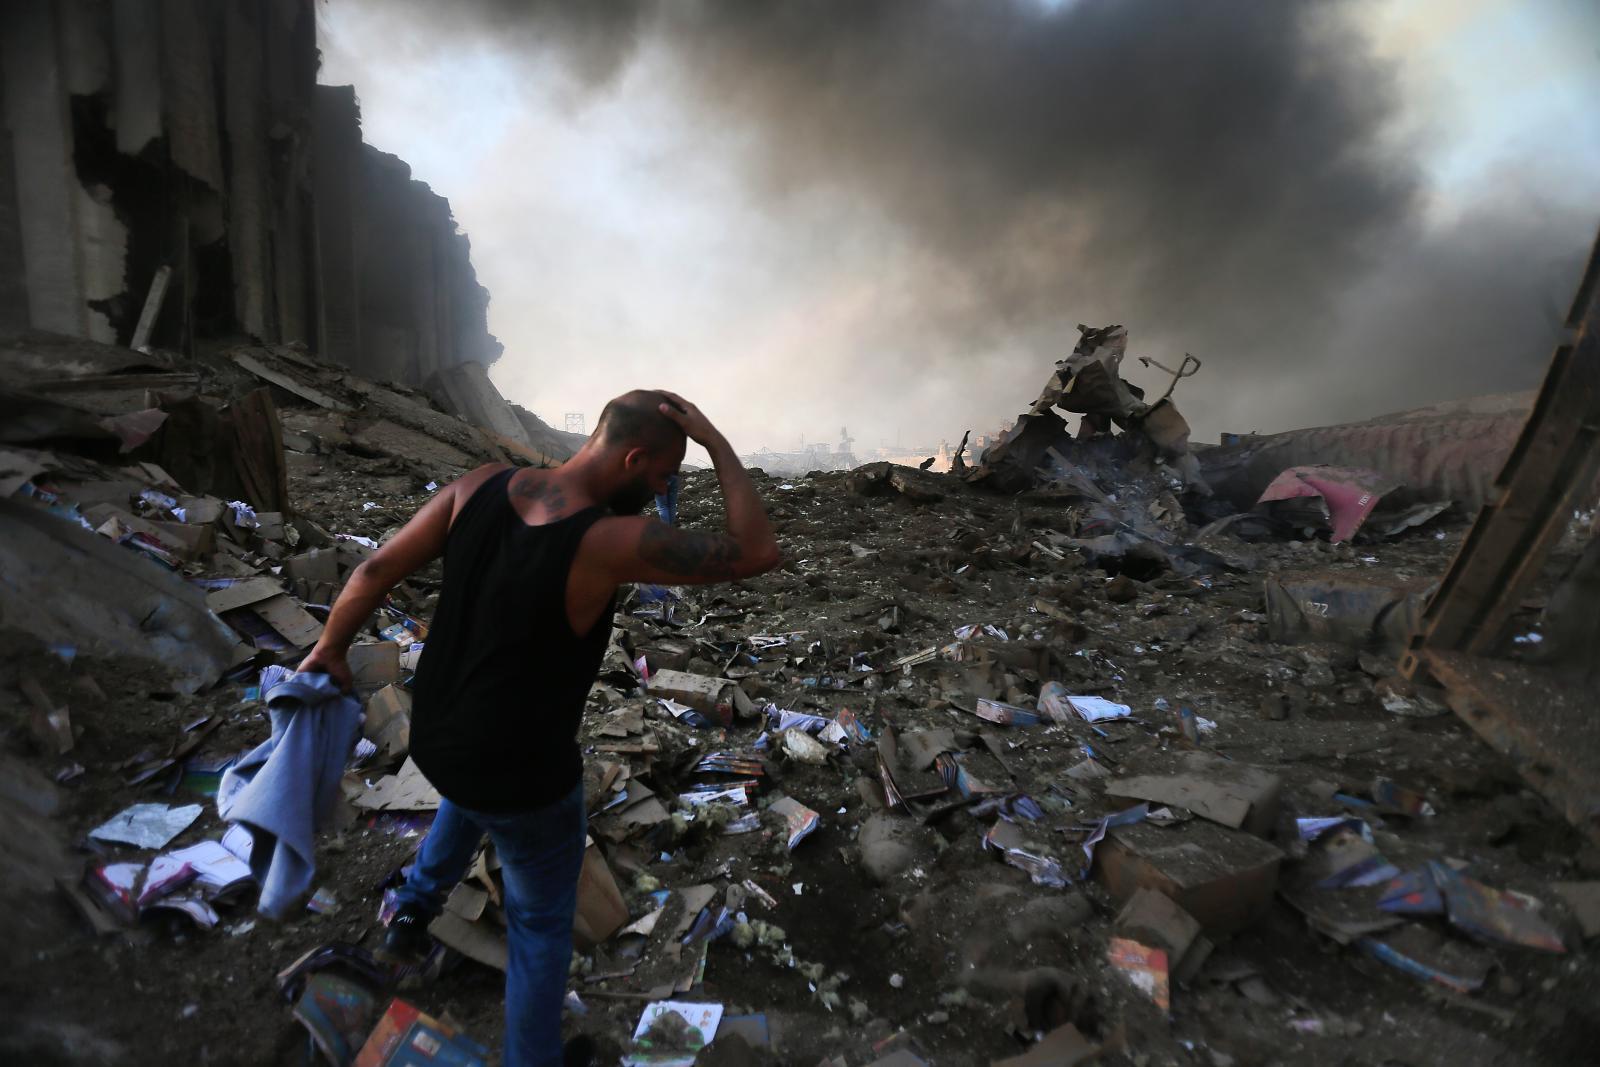 ระเบิดเลบานอน เปรียบเทียบ 'ฮิโรชิมา' ย้อนรอยบึ้มเขย่าโลก ที่มาน่าตกใจสารเคมีชนวนเหตุสลด